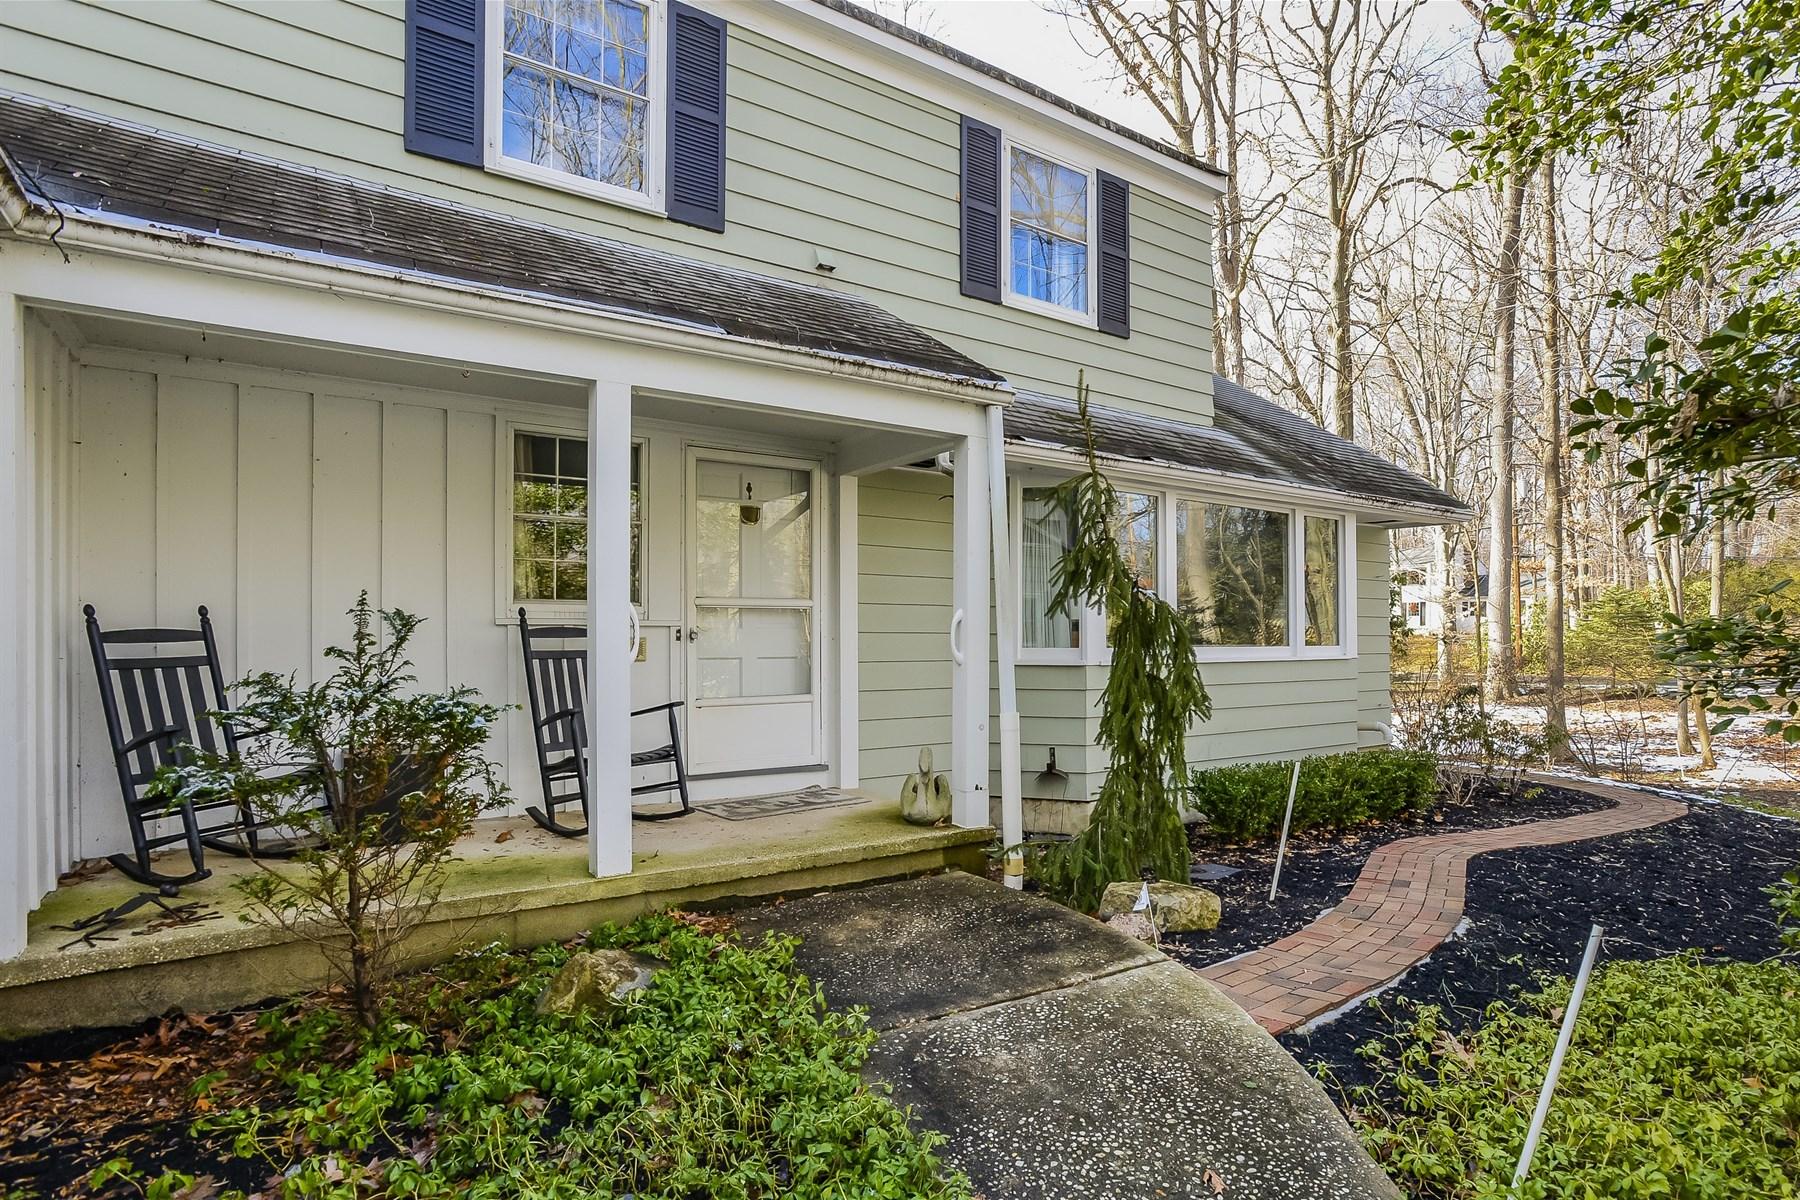 独户住宅 为 销售 在 41 E larchmont Drive 41 E. Larchmont Drive Colts Neck, 新泽西州 07722 美国